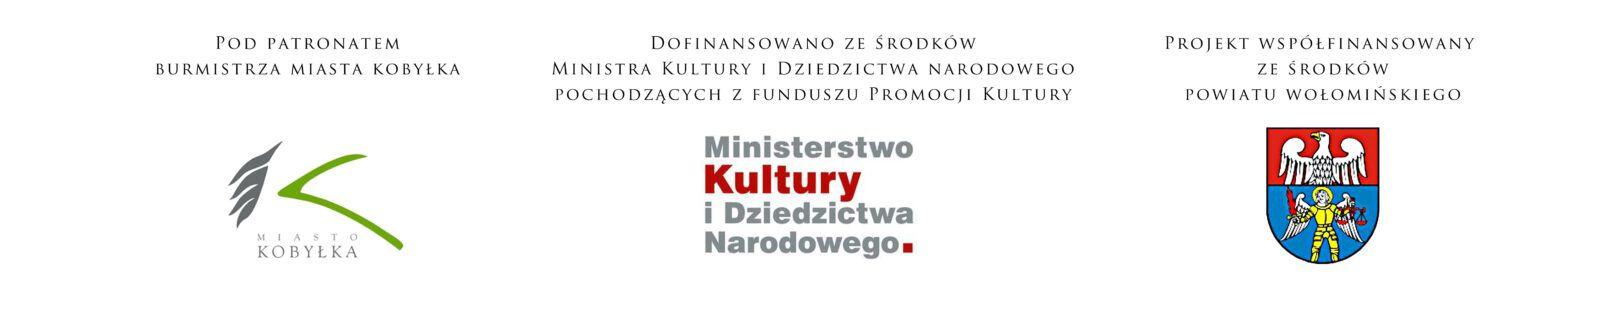 XII Międzynarodowy Festiwal Perła Baroku - Koncerty Mistrzów, Donatorzy: MKiDN, miastso Kobyłka, Powiat Wołomiński